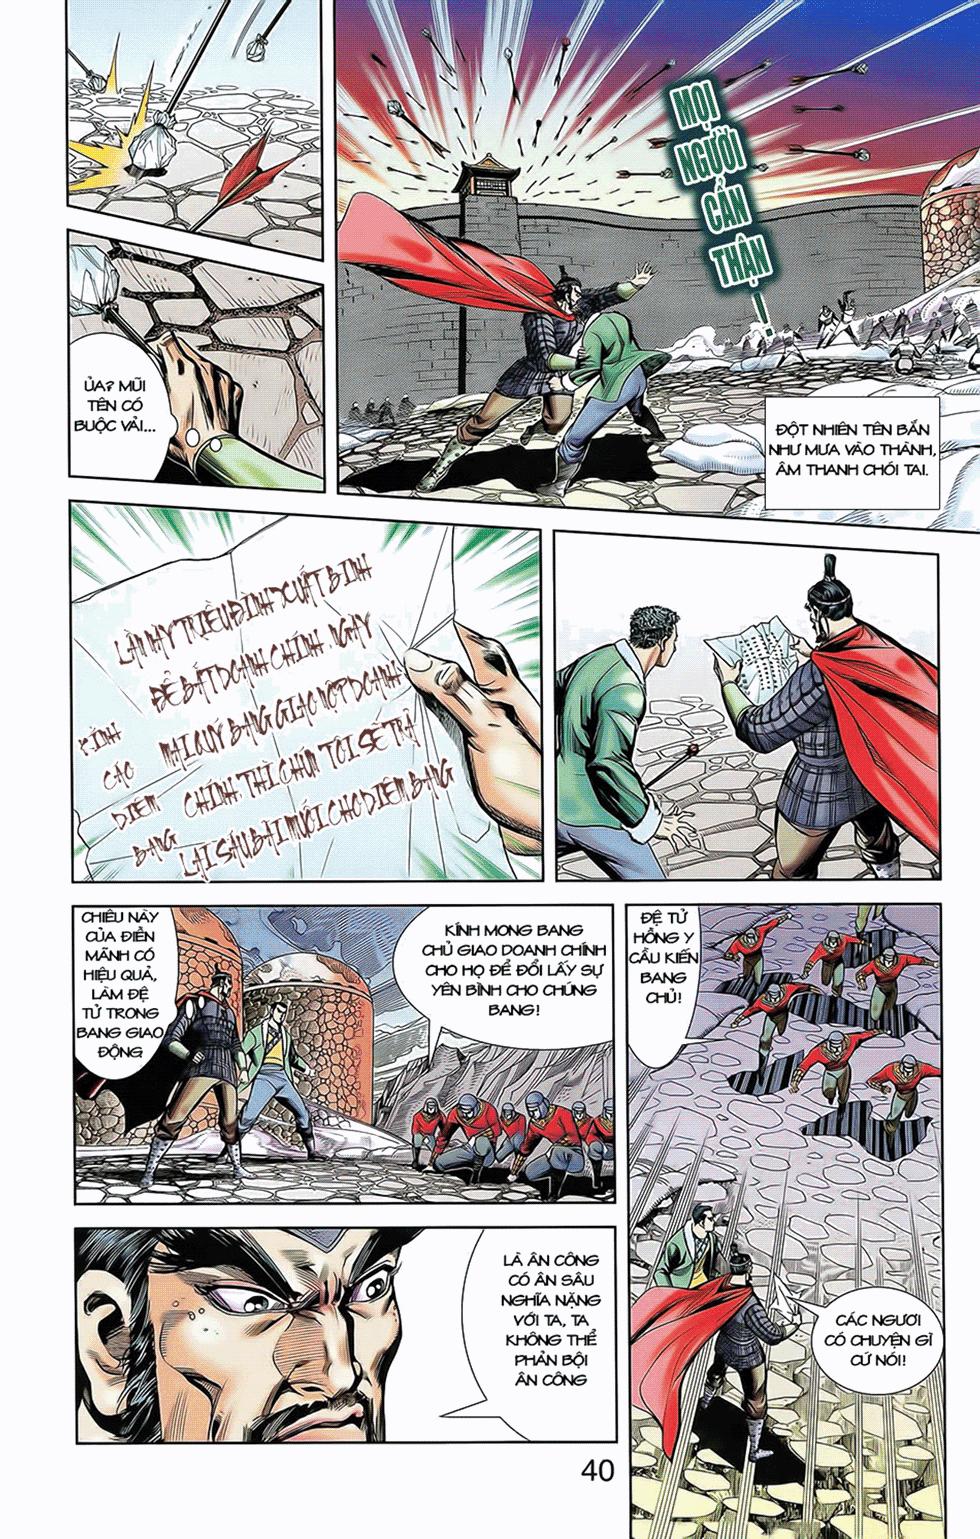 Tần Vương Doanh Chính chapter 10 trang 12